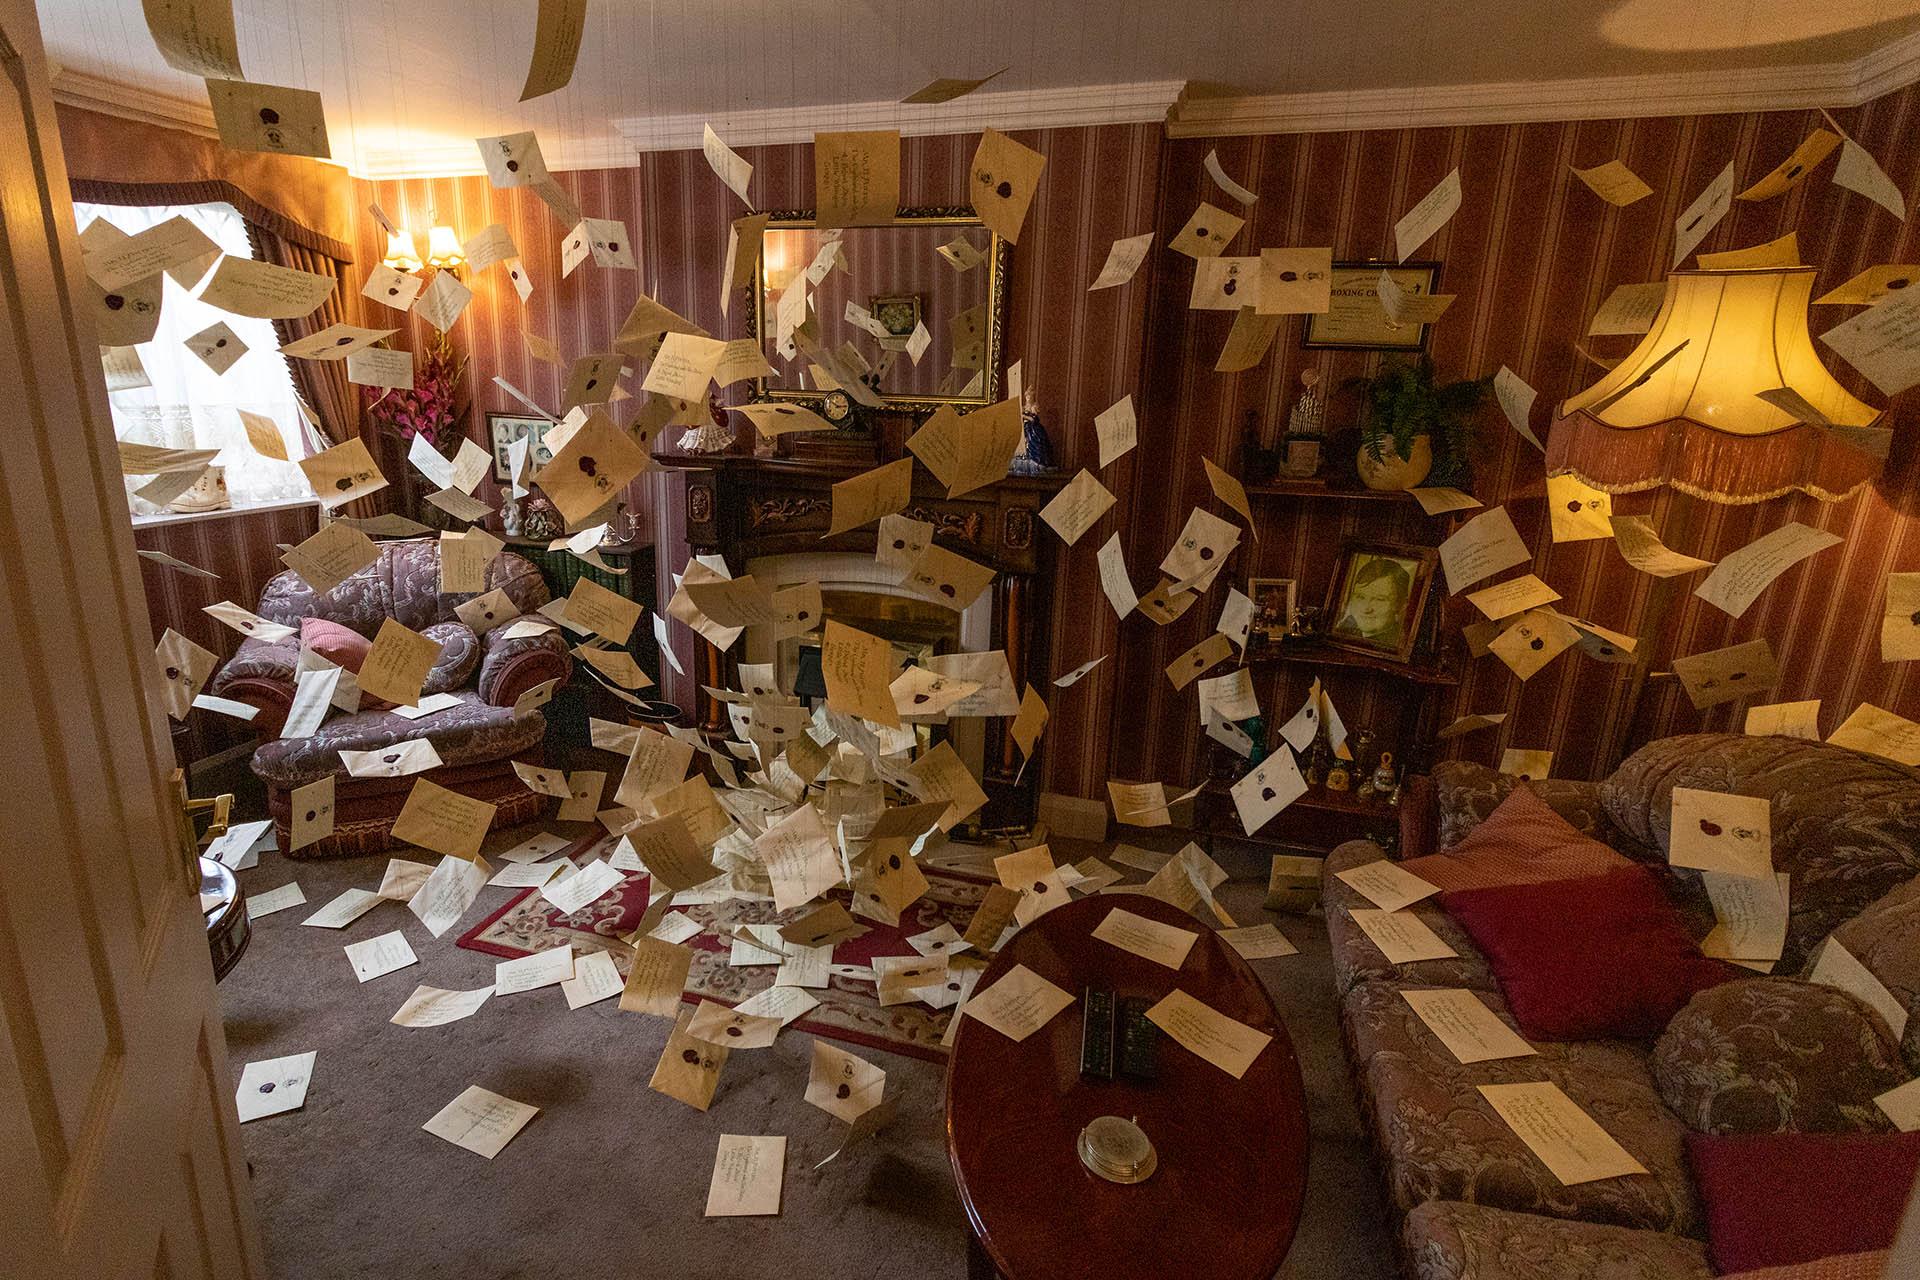 De brieven van Hogwarts die rondzweven door de kamer van de Dursleys op Privet Drive